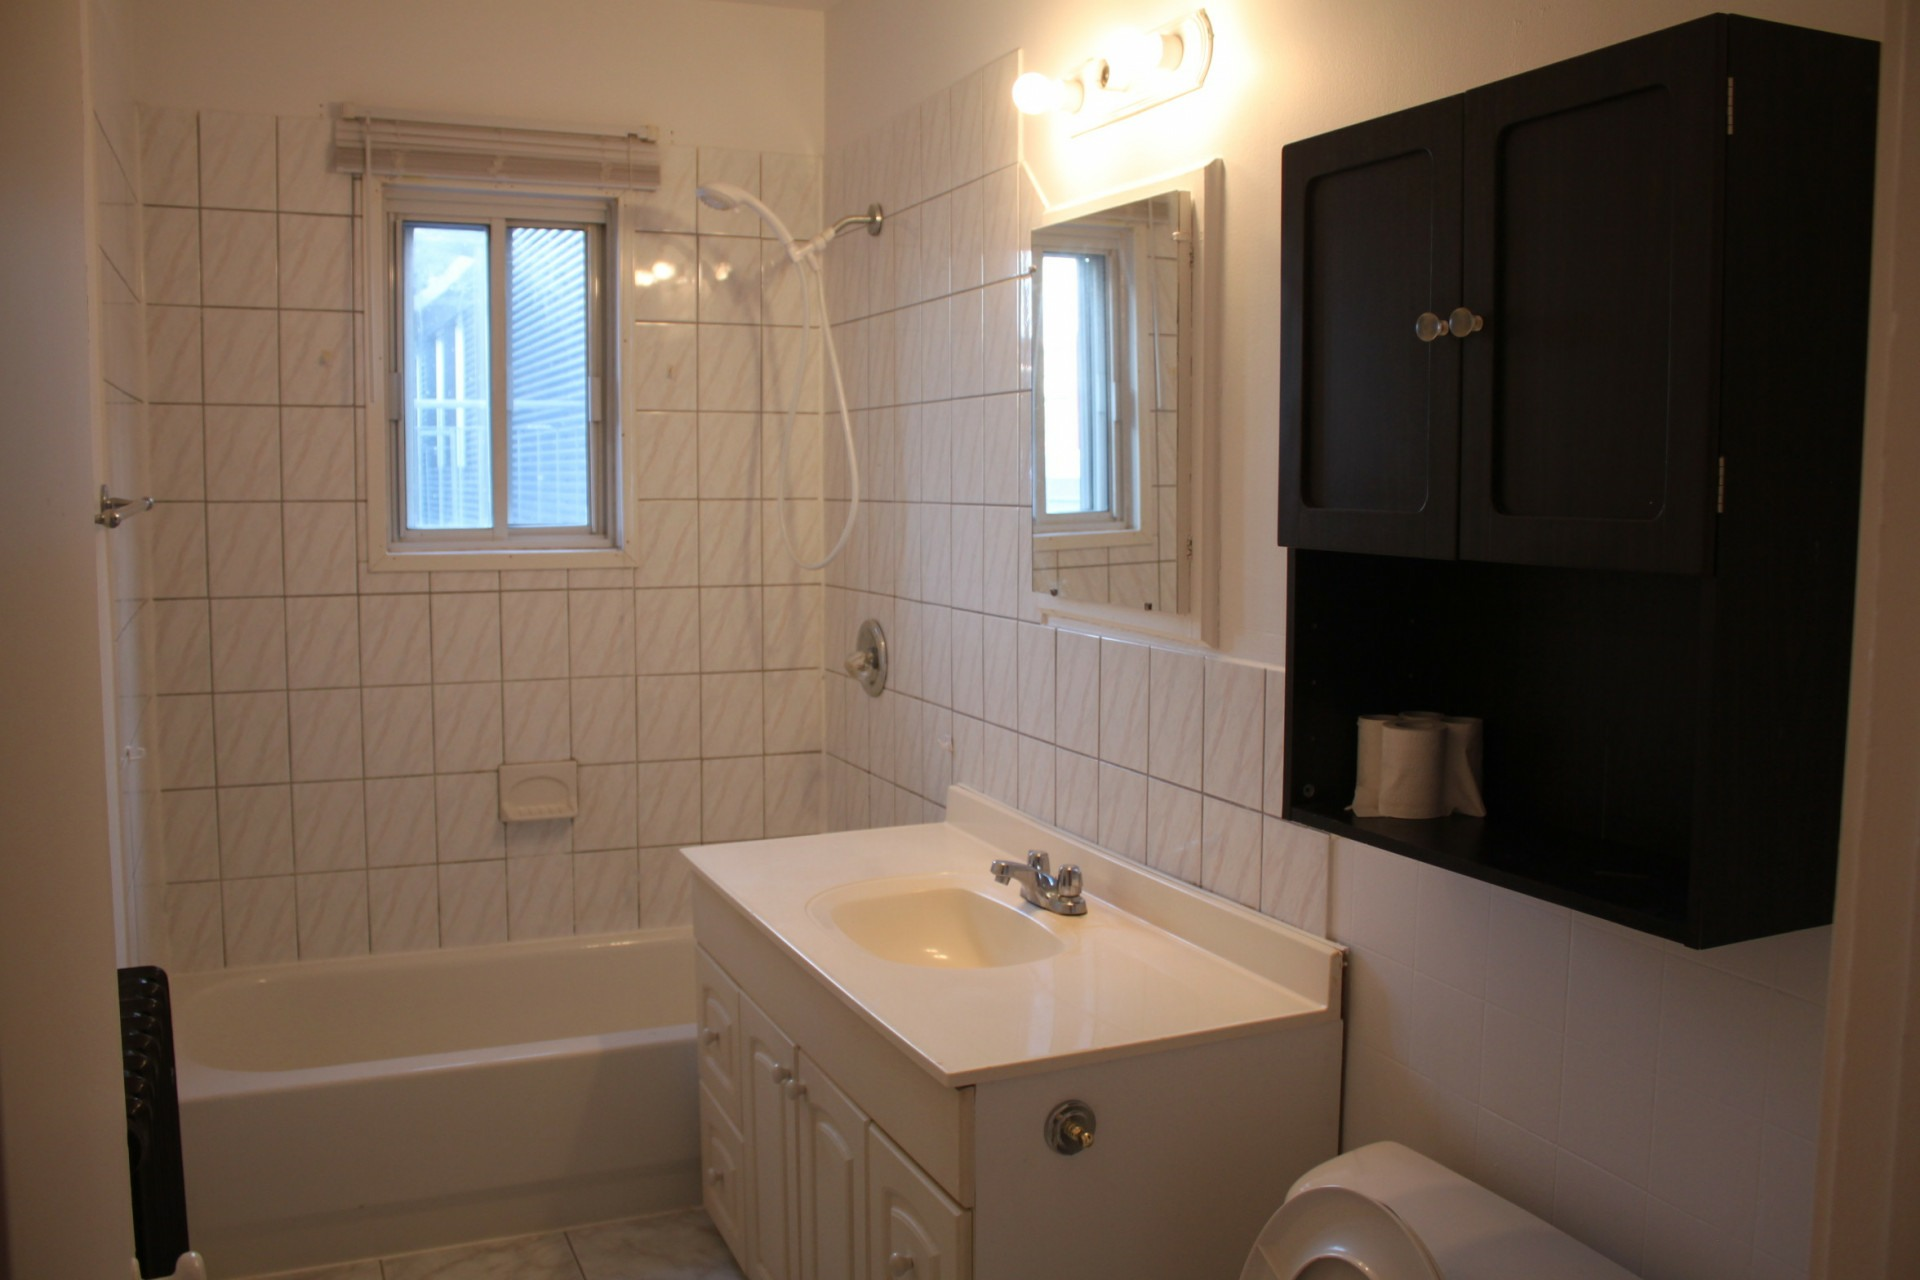 image 6 - Apartment For rent Montréal Mercier - 3 rooms